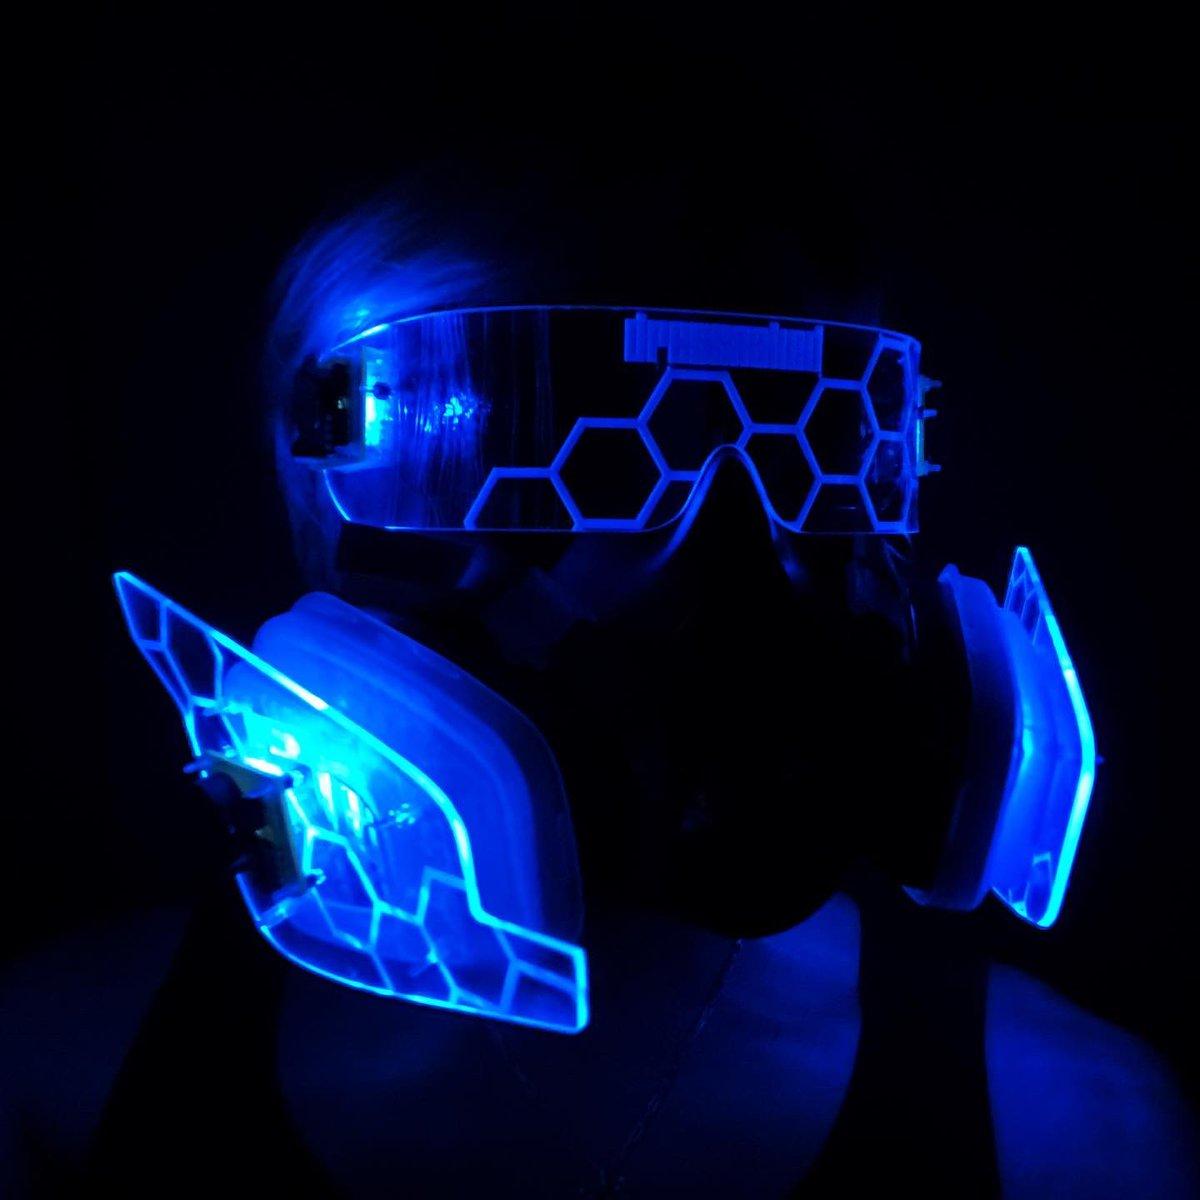 先っぽ折れたから短くしました お手持ちの3M防毒マスクに付けるキットとして販売したら需要はあるのかしら🤔  LEDはスイッチングで7色発光 フィルター部にねじ止めする方式です  #cycer #cyberpunk #cyberfashion #pdc #アーティズムマーケット https://t.co/WsOJ2sHAxq